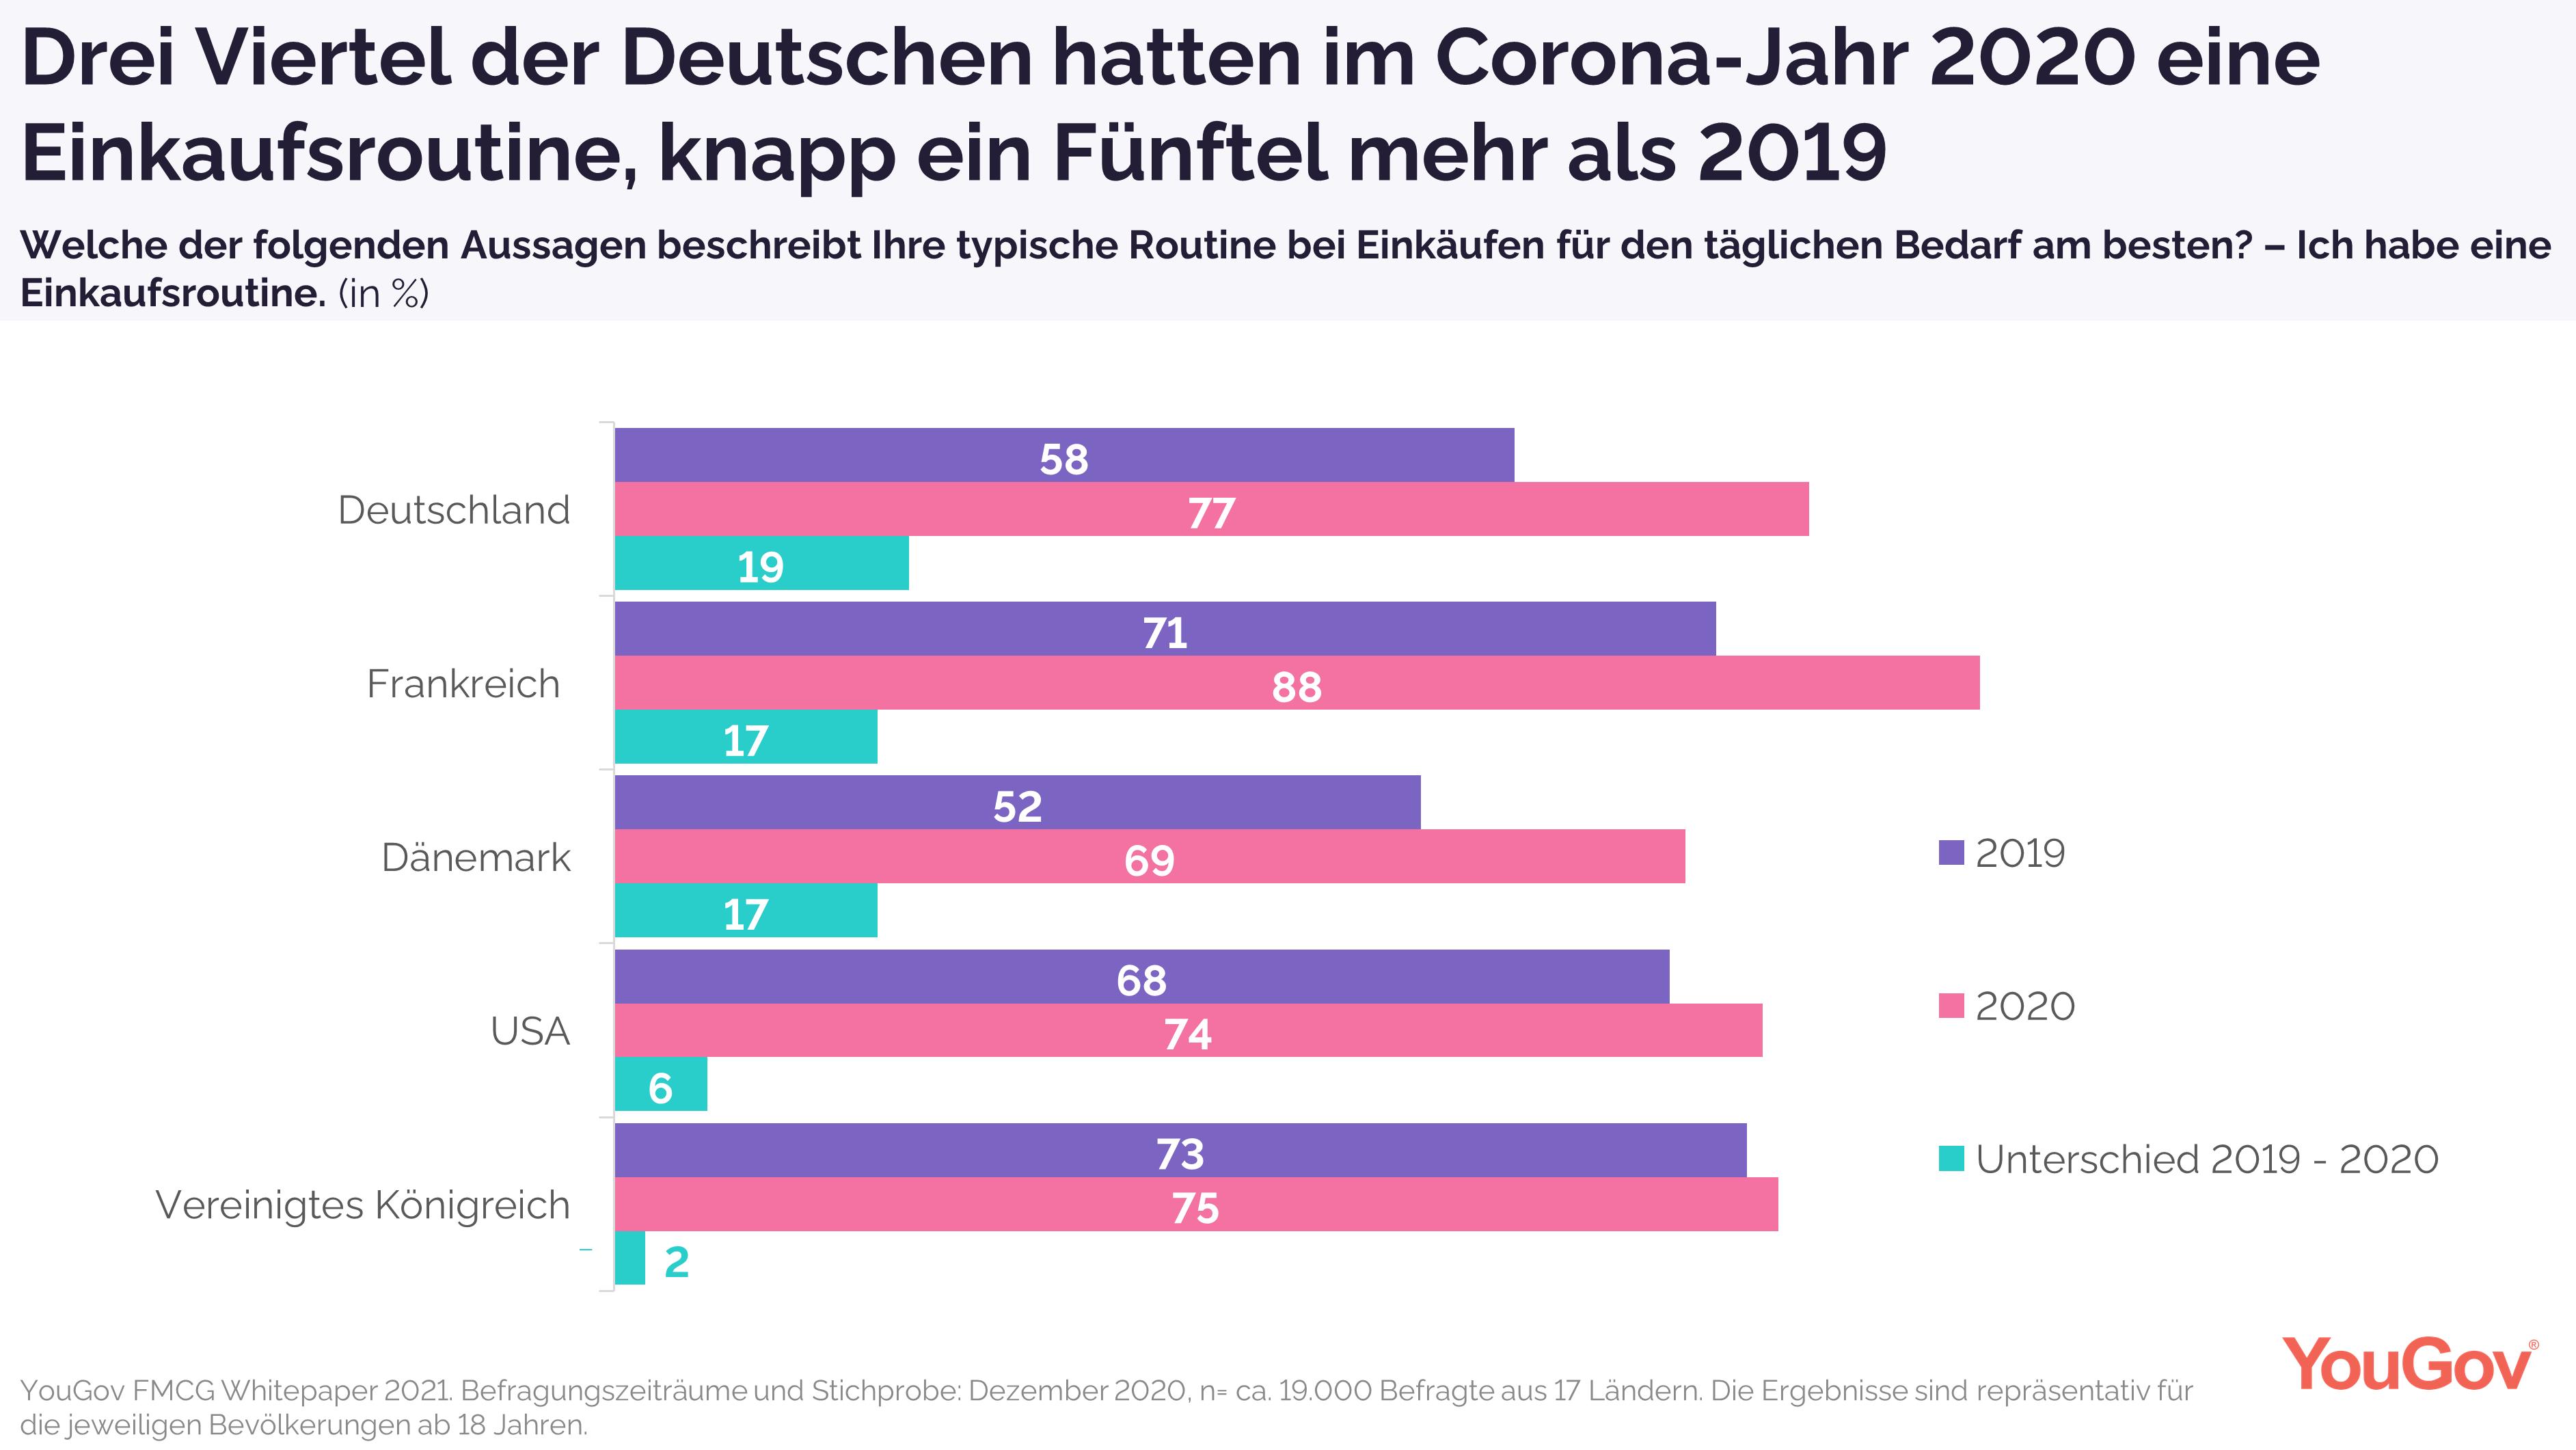 Einkaufsroutinen durch Corona international verstärkt, in Deutschland am meisten